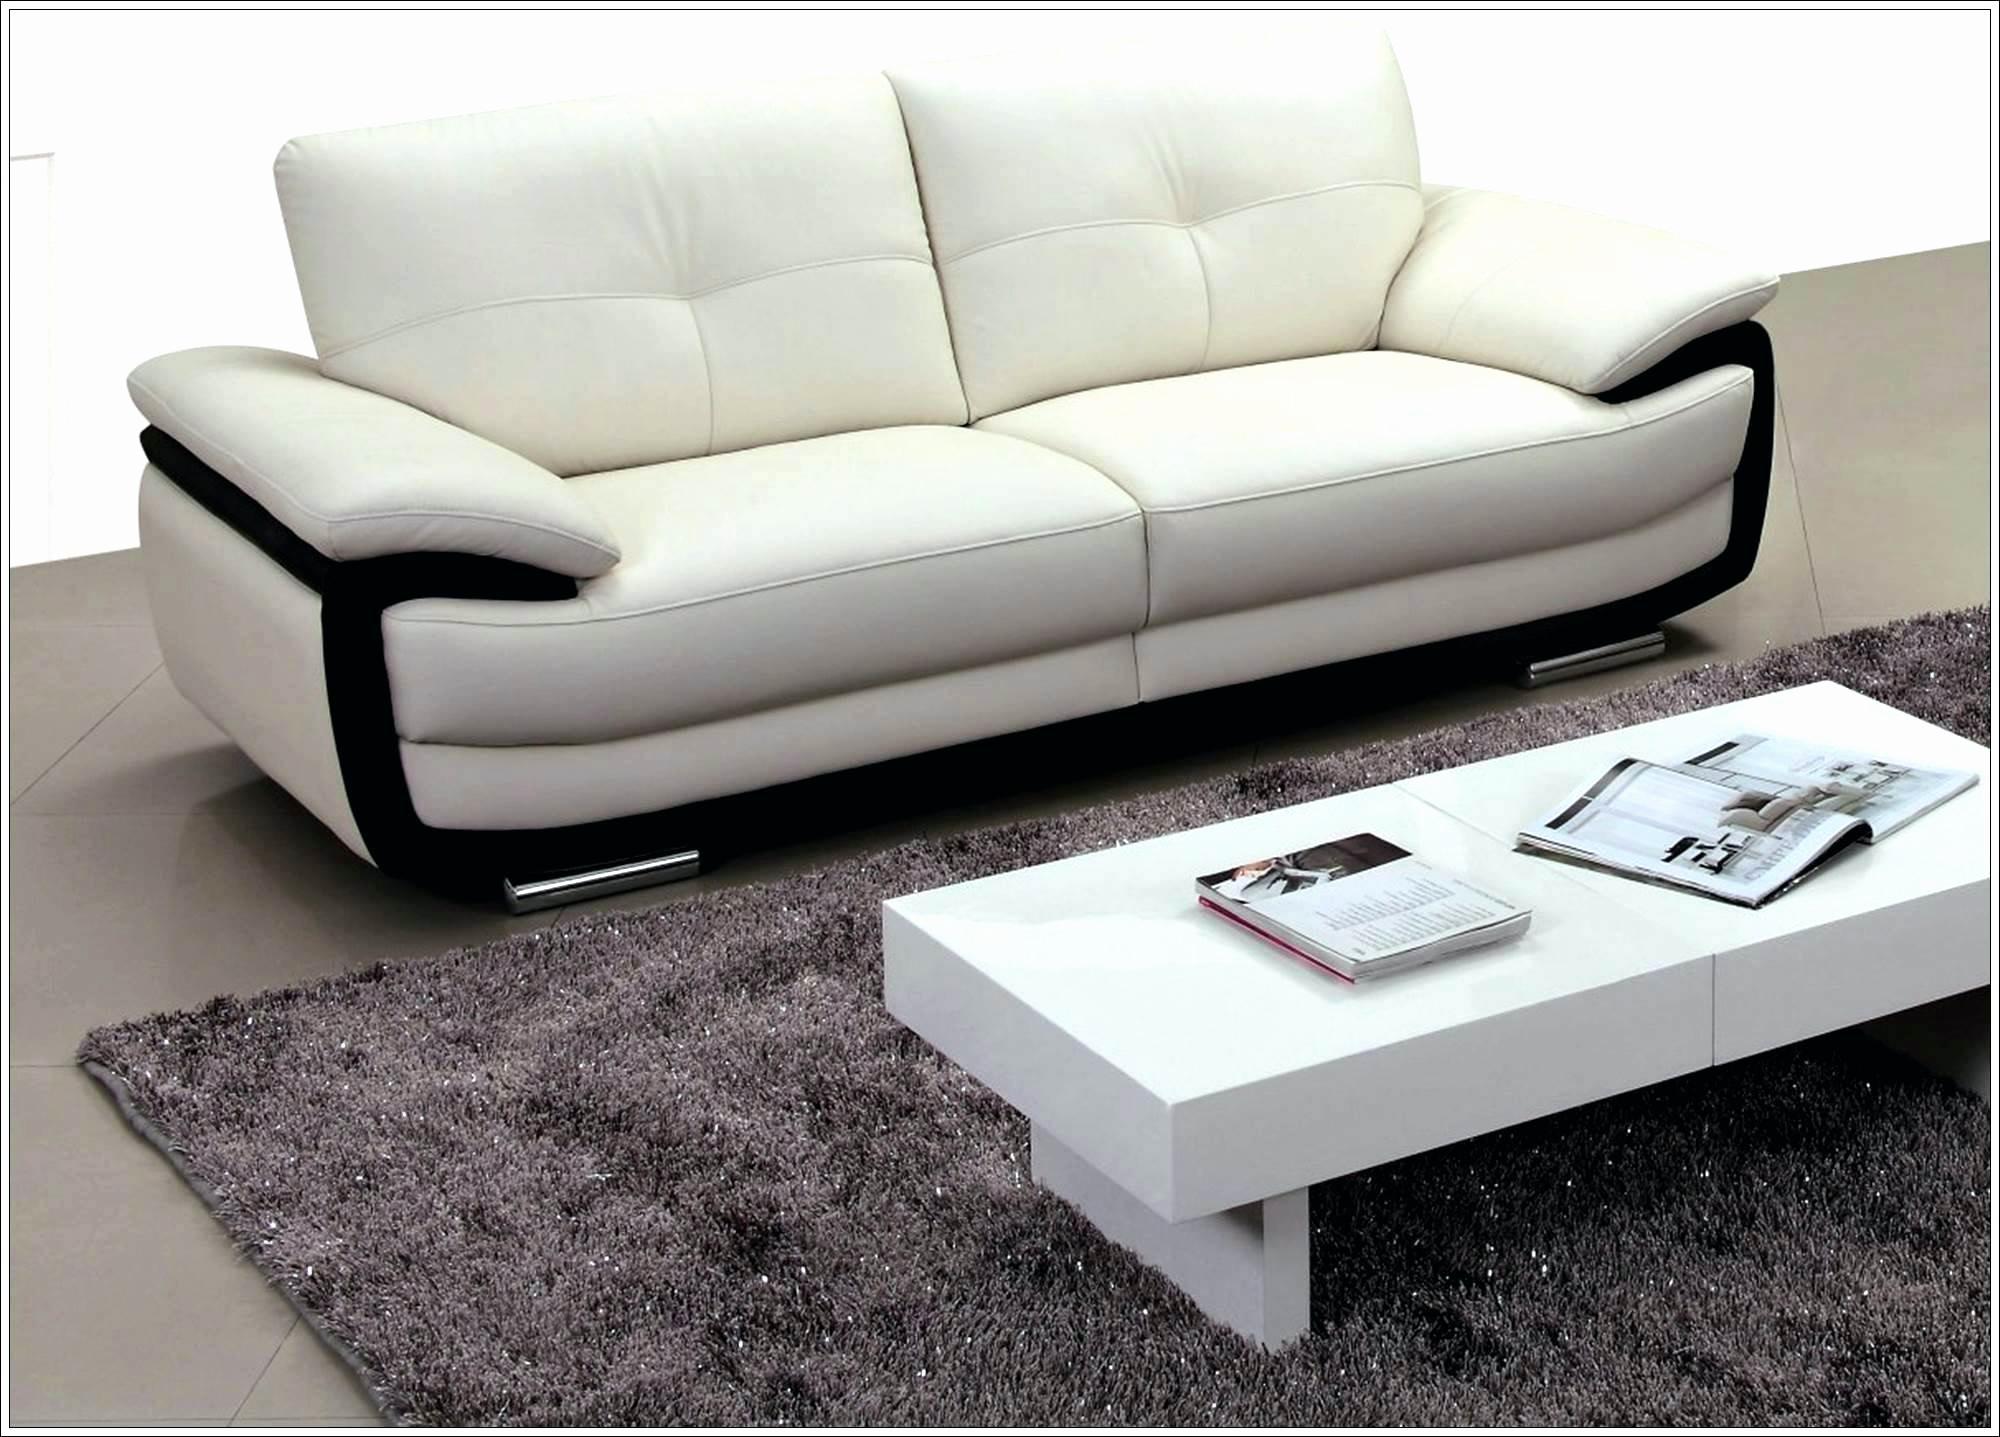 Ikea Canapé Bz Beau Images Canap Convertible 3 Places Conforama 11 Lit 2 Pas Cher Ikea but